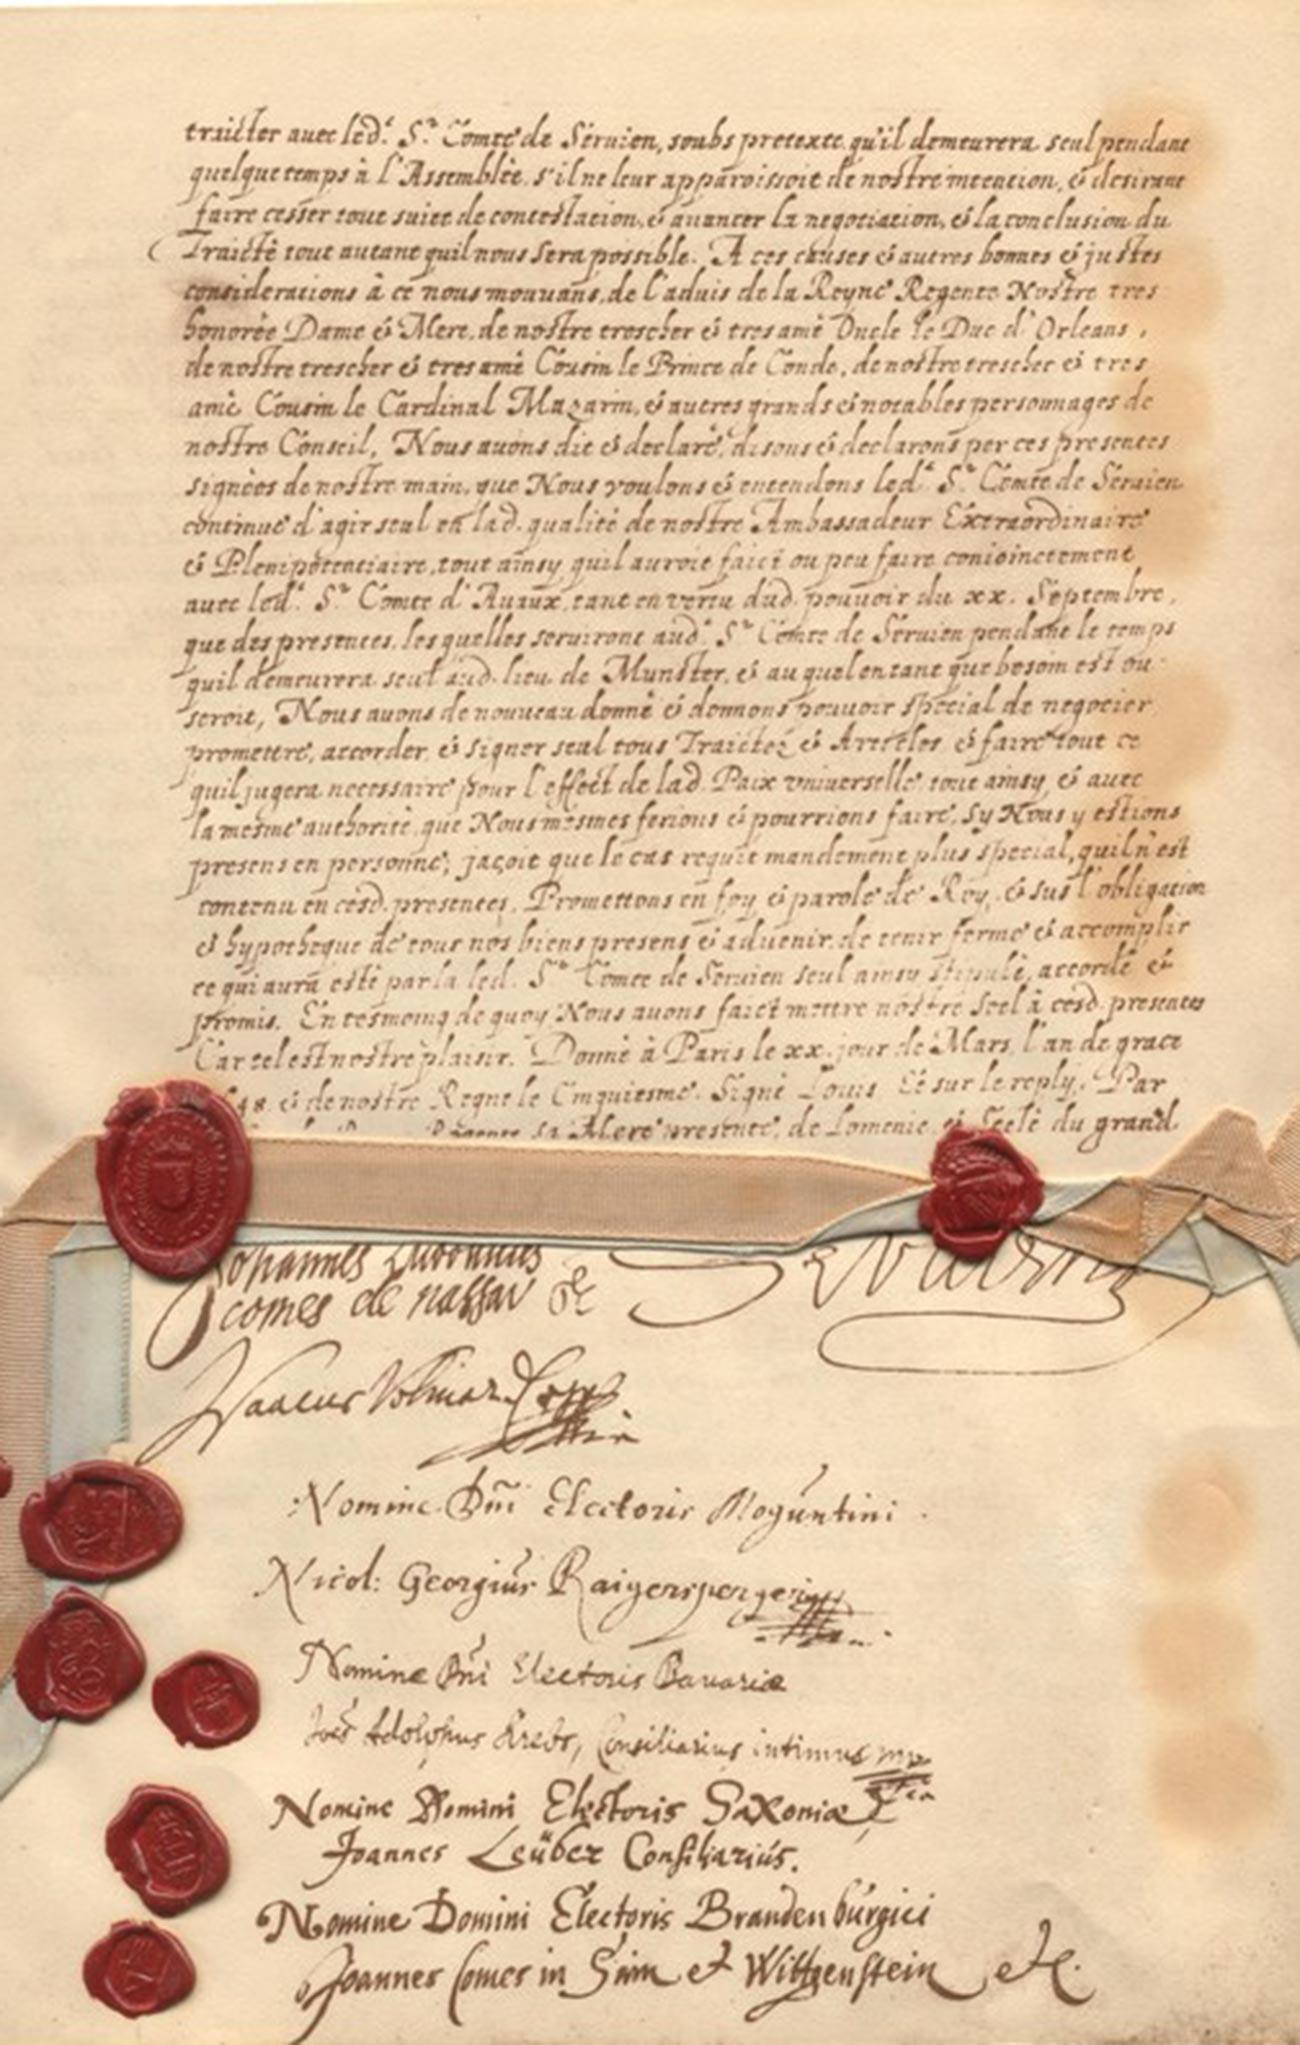 Stranica iz Westfalskog sporazuma na francuskom jeziku.